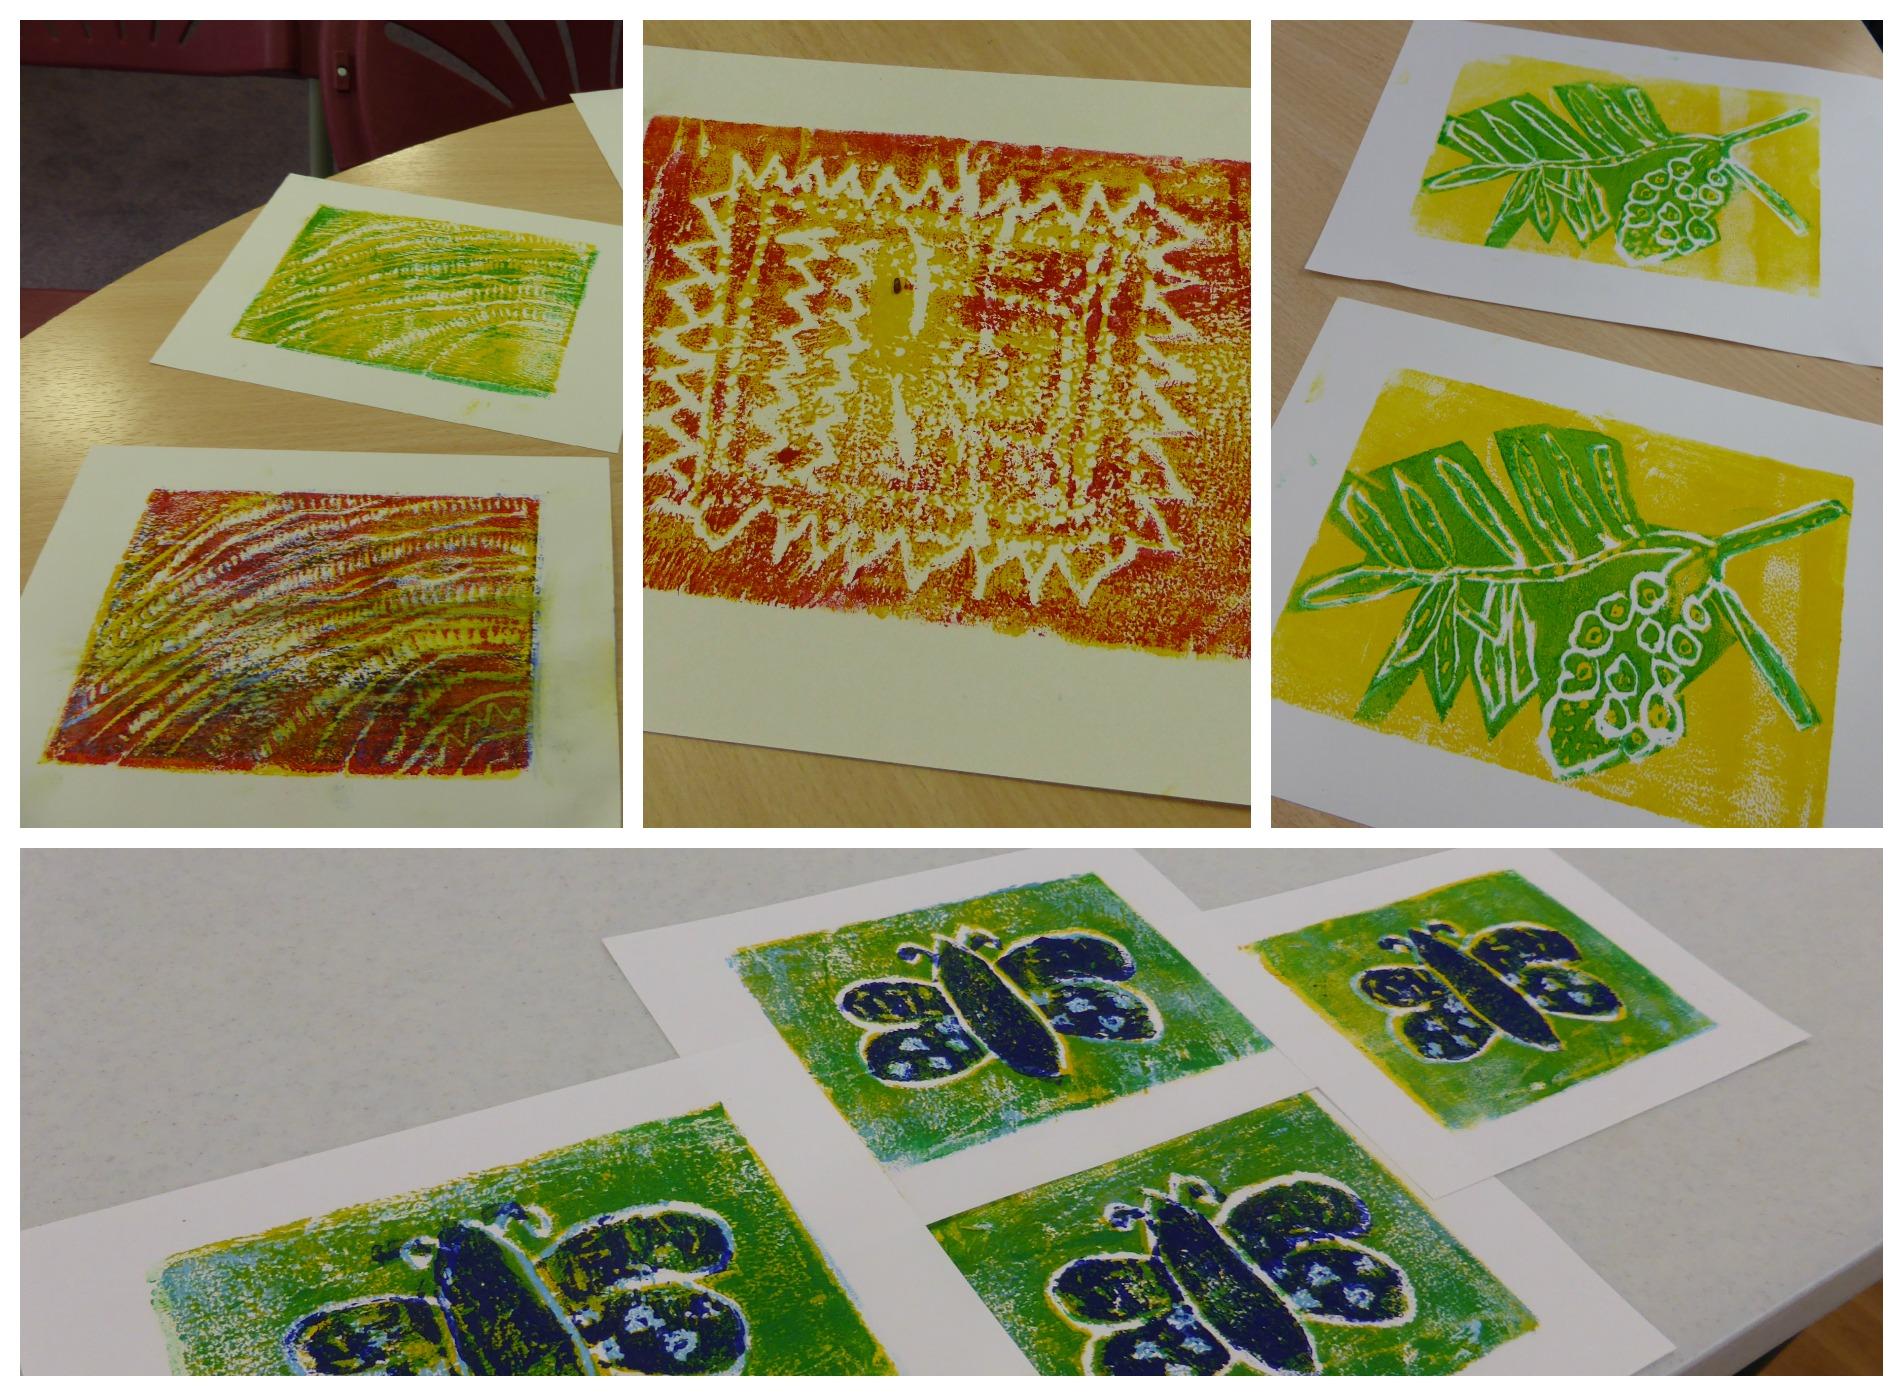 Broadwalk collage printing